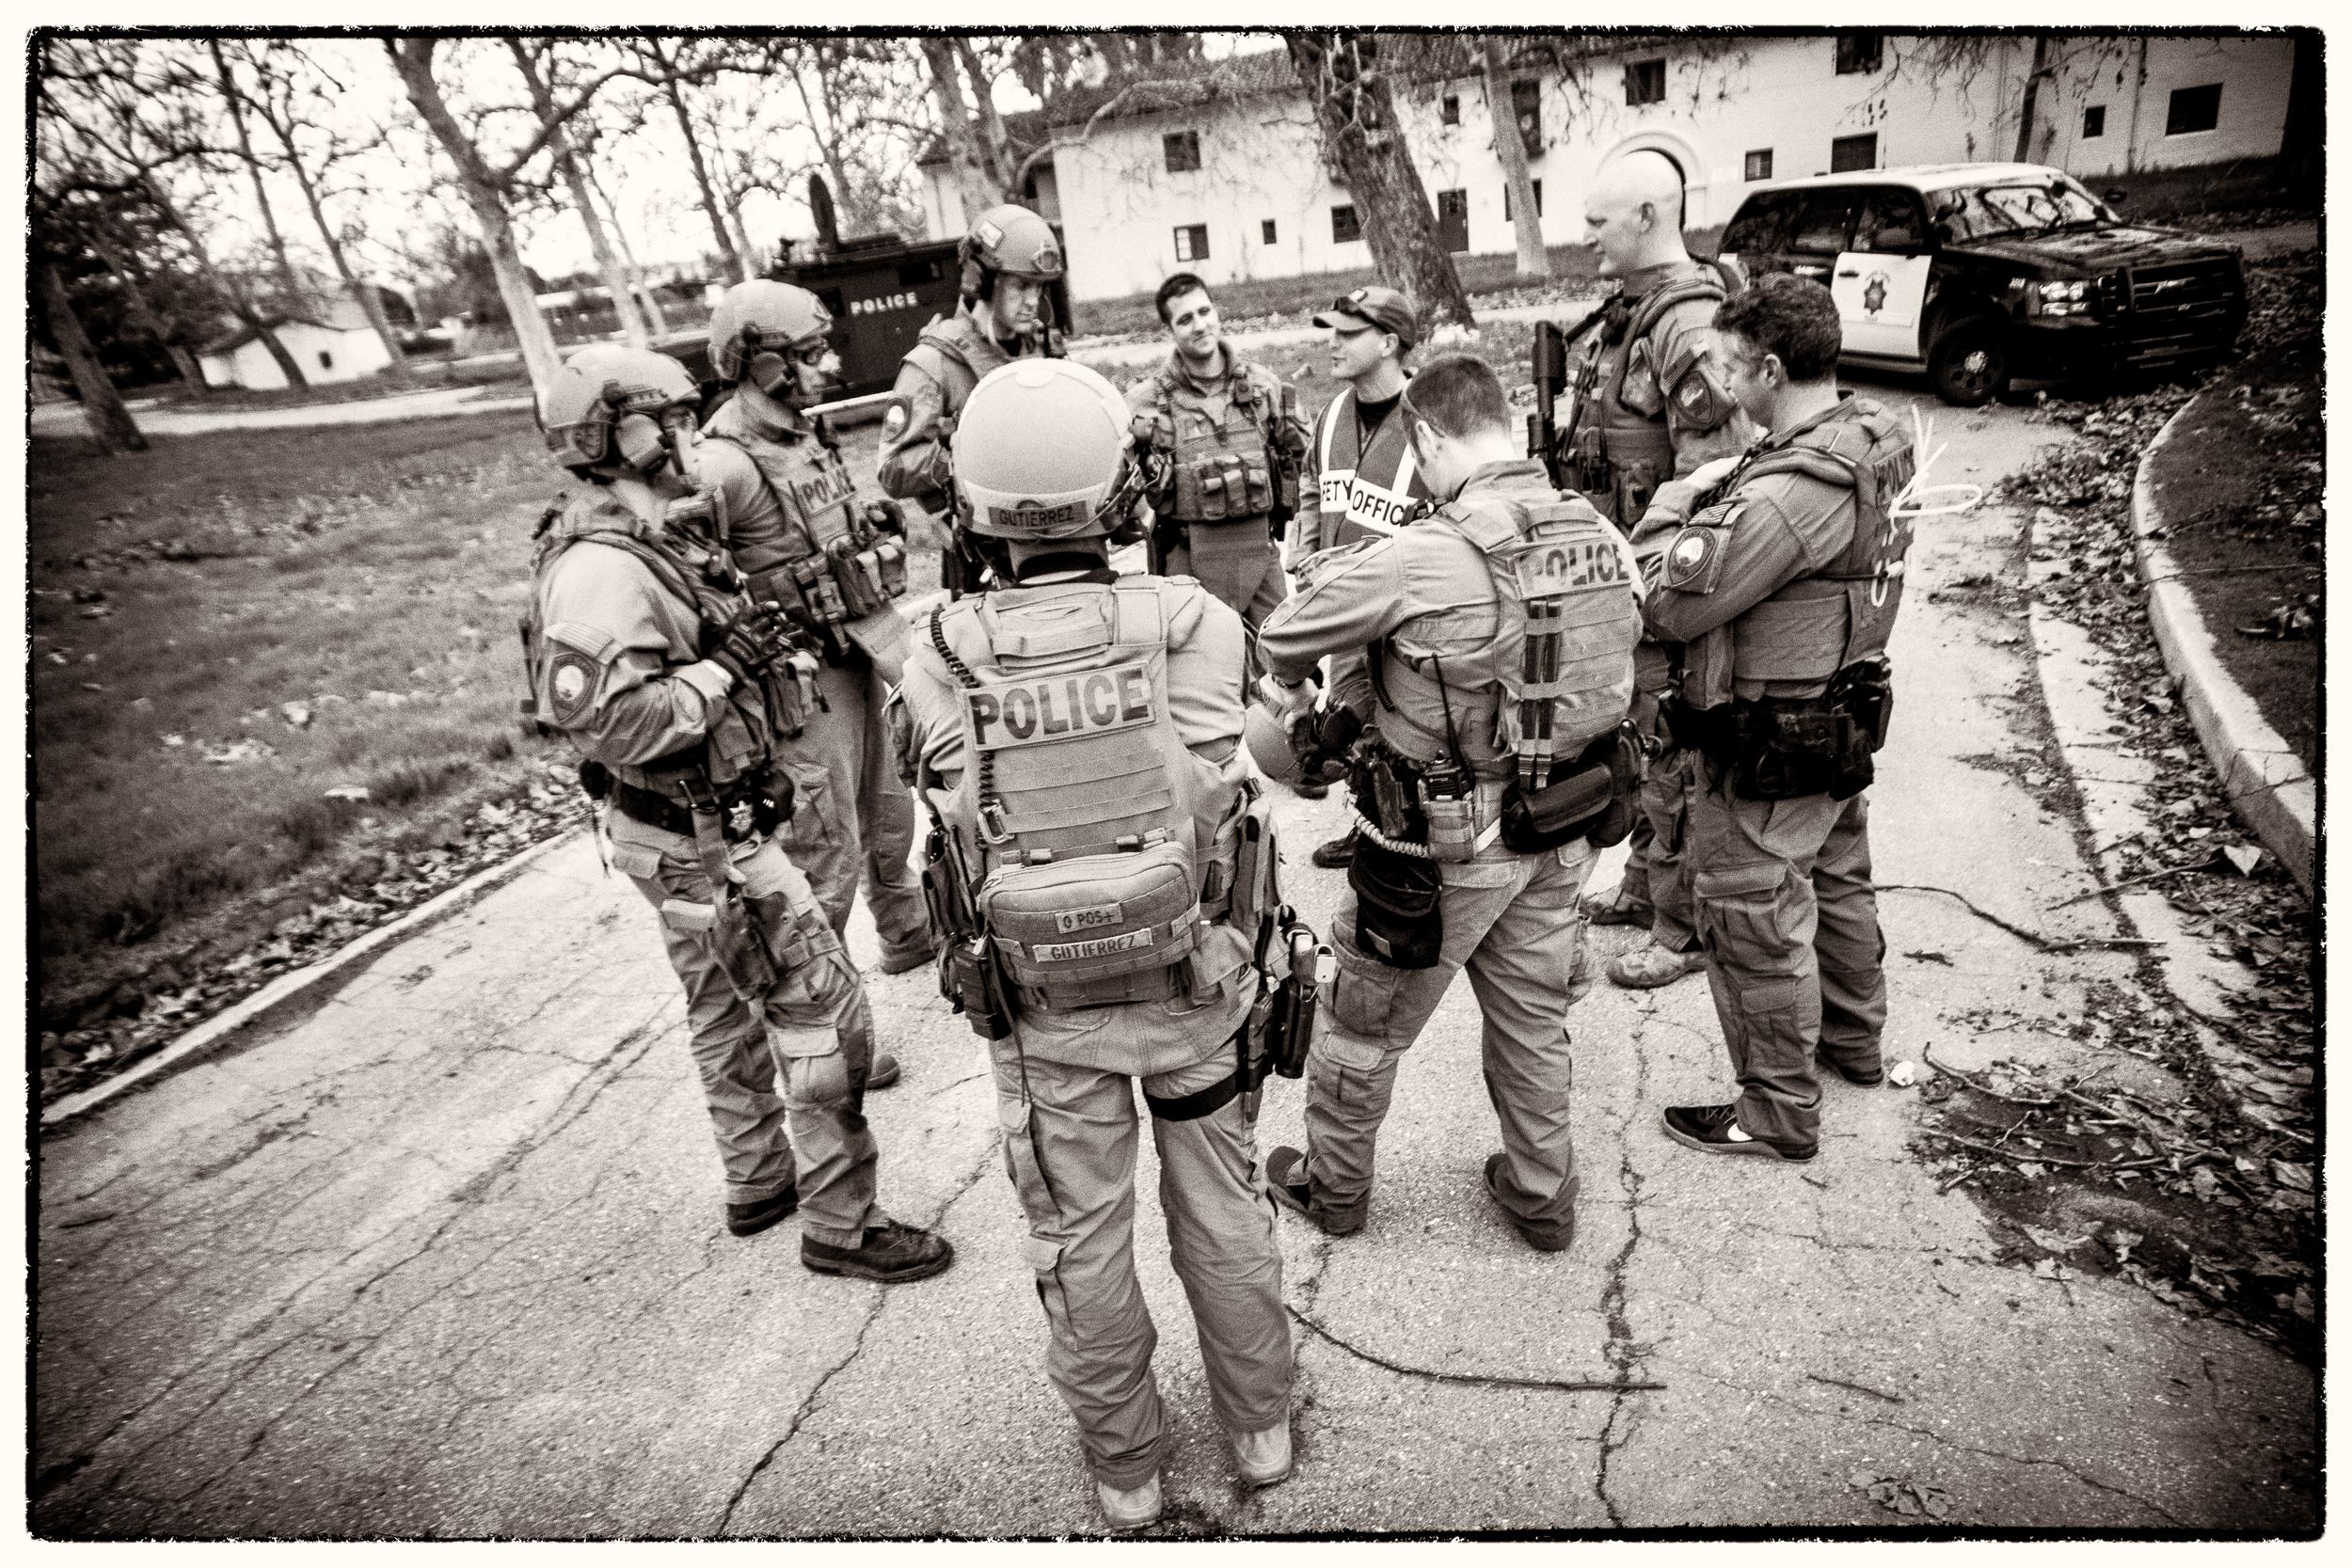 SCPD_SWAT-2.jpg